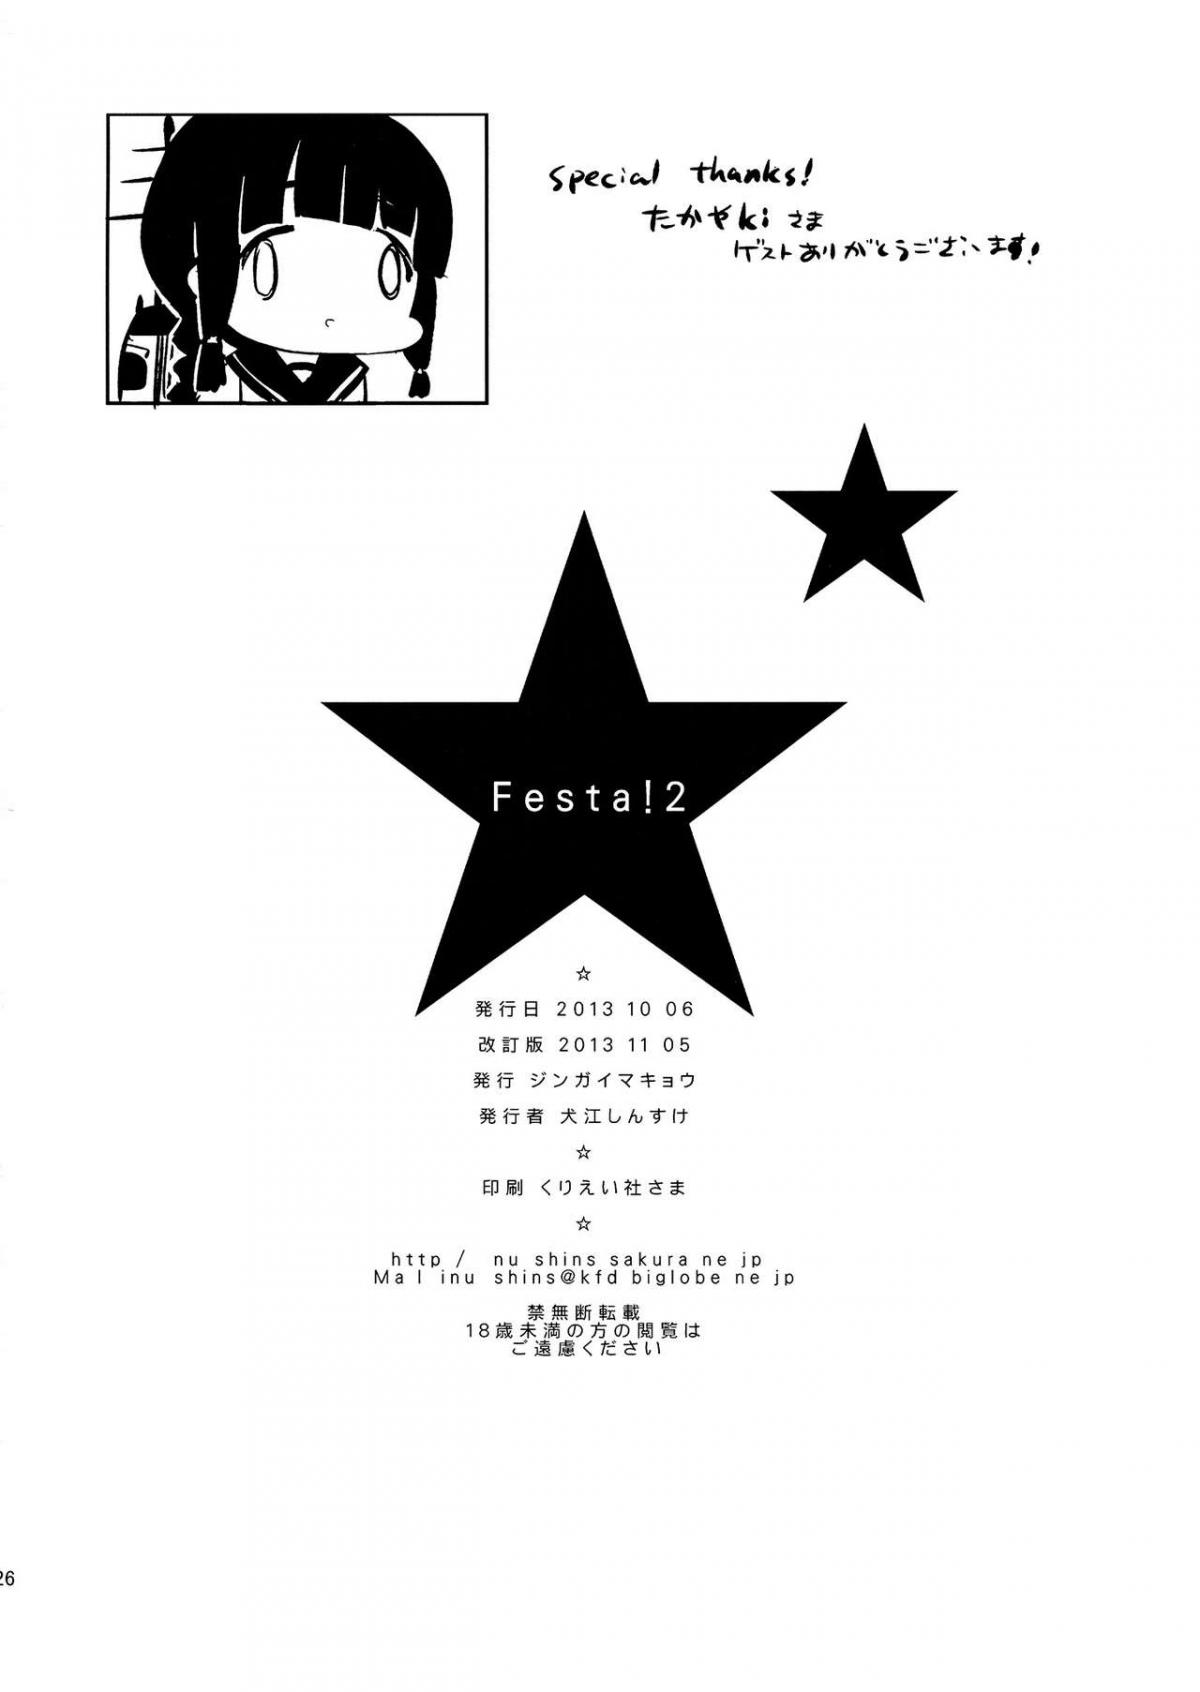 Hình ảnh  trong bài viết Festa!2